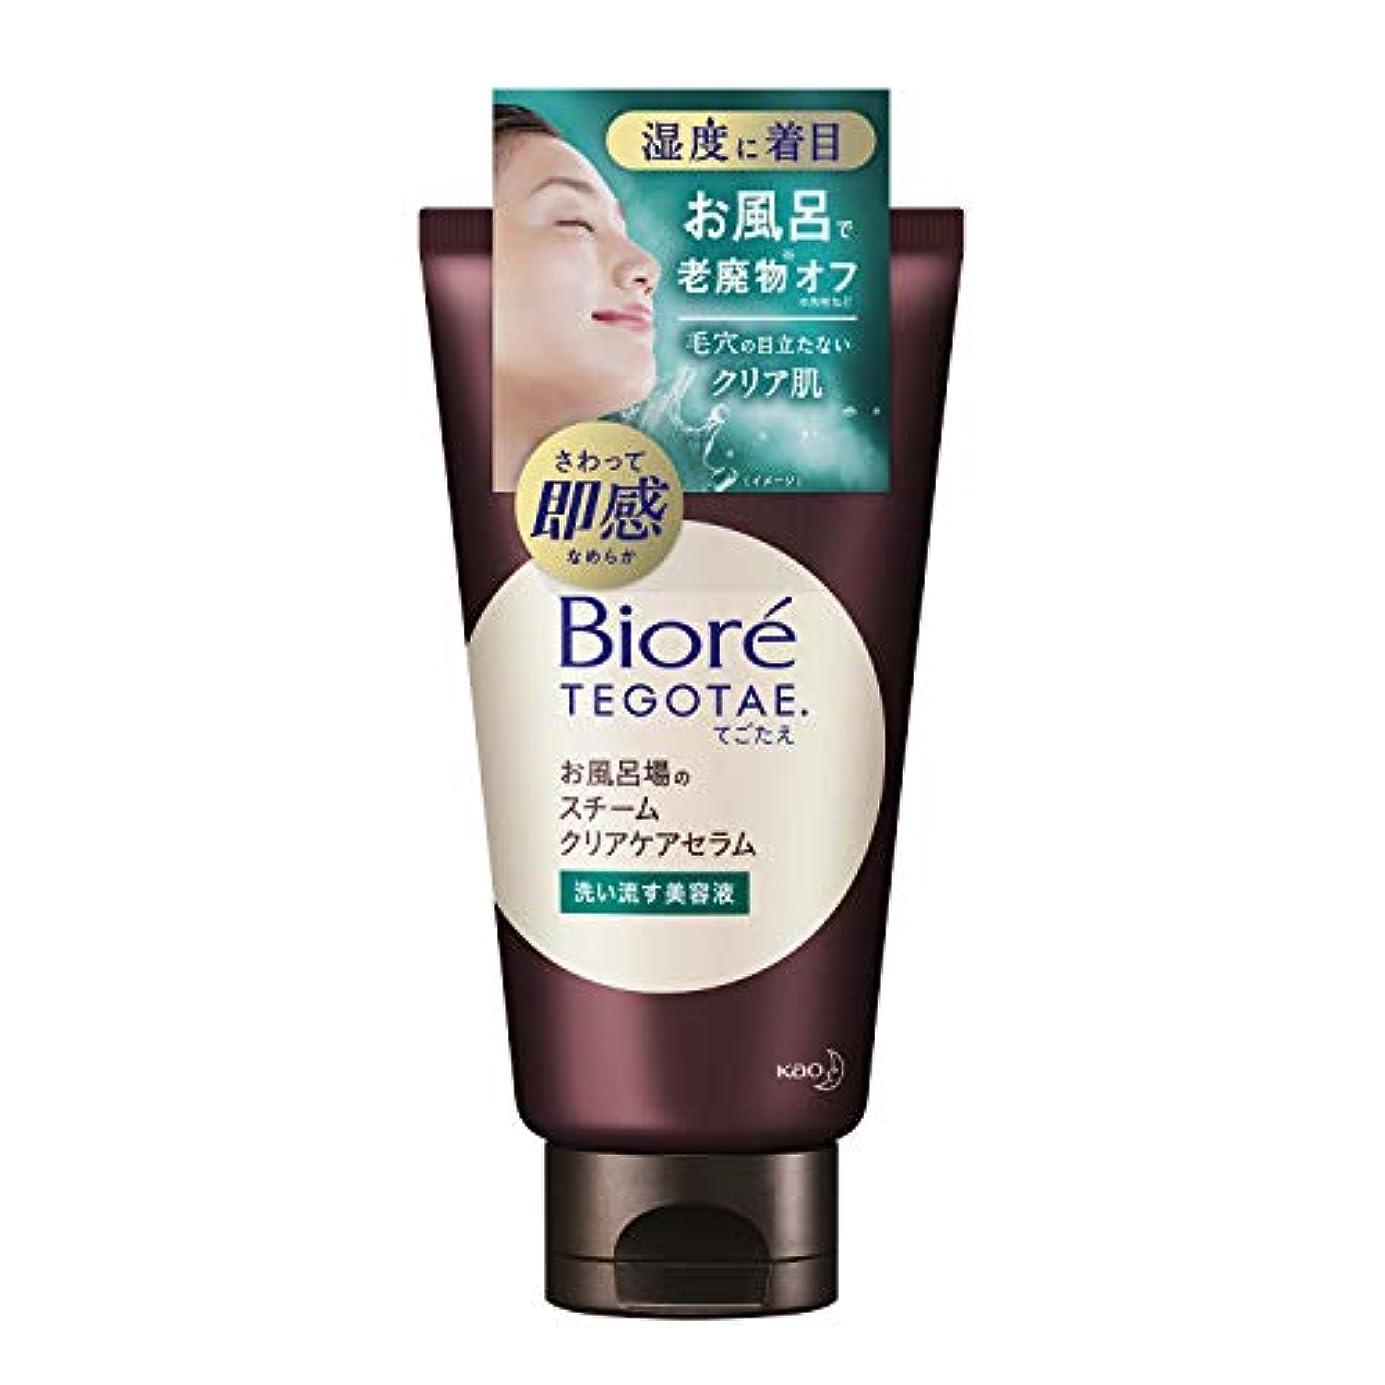 オピエート削除する直接ビオレTEGOTAE(テゴタエ) お風呂場のスチームクリアケアセラム 美容液 グリーンフローラルの香り 150g